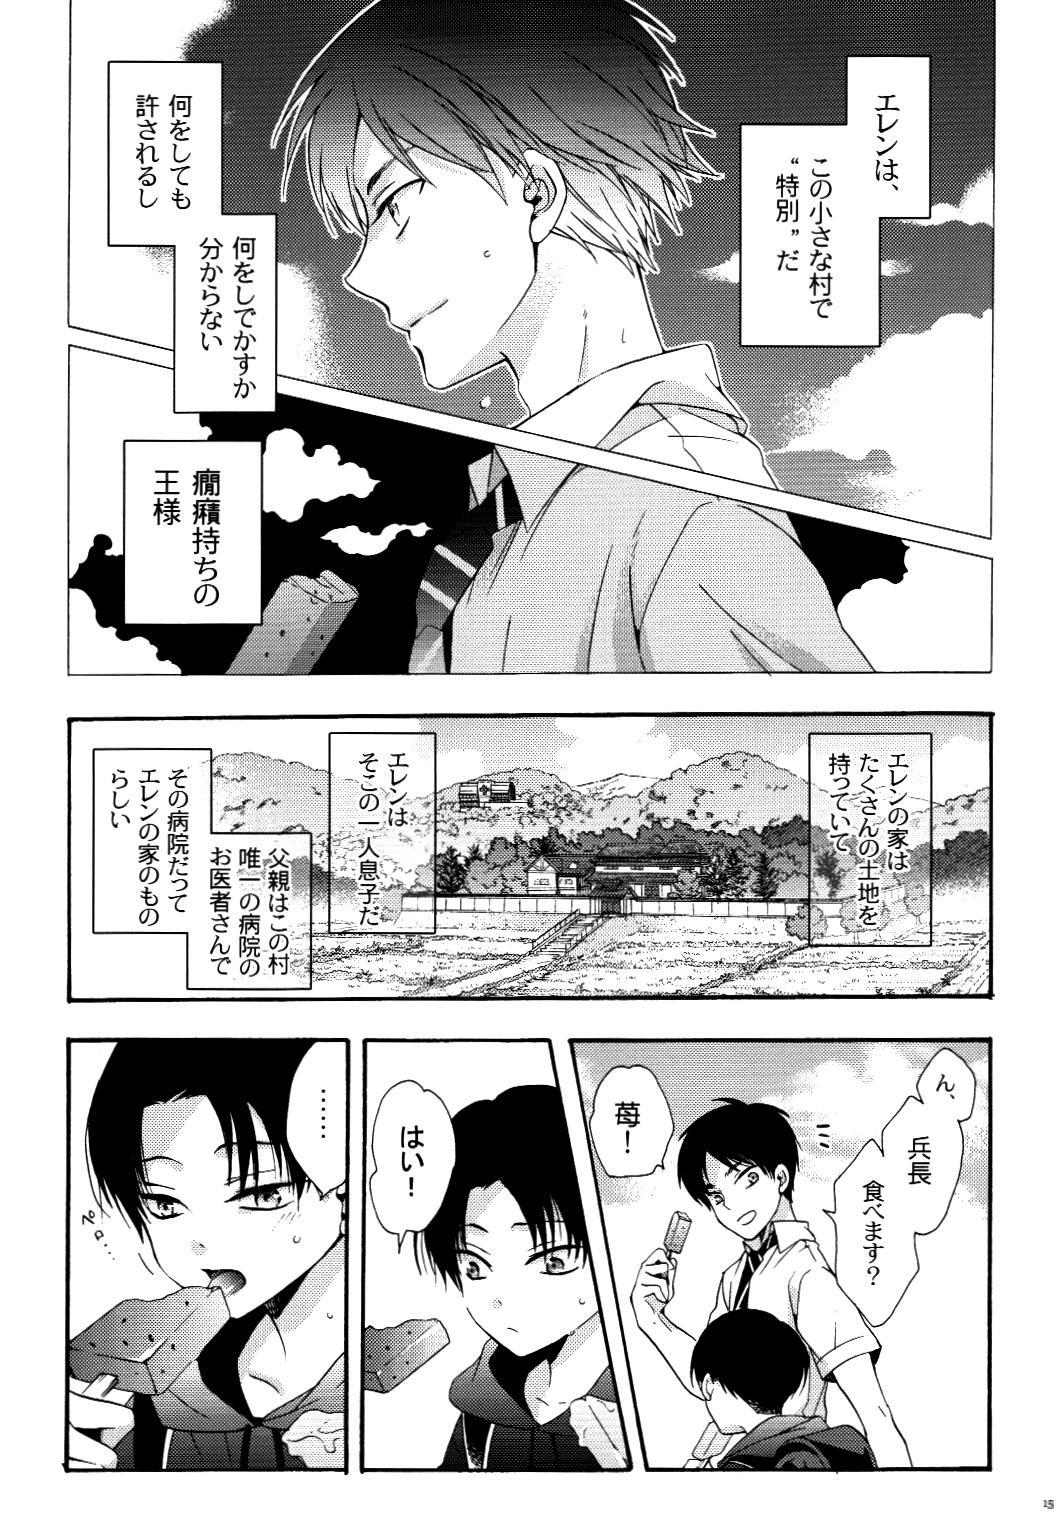 Himawari no Saku Fuyu 14